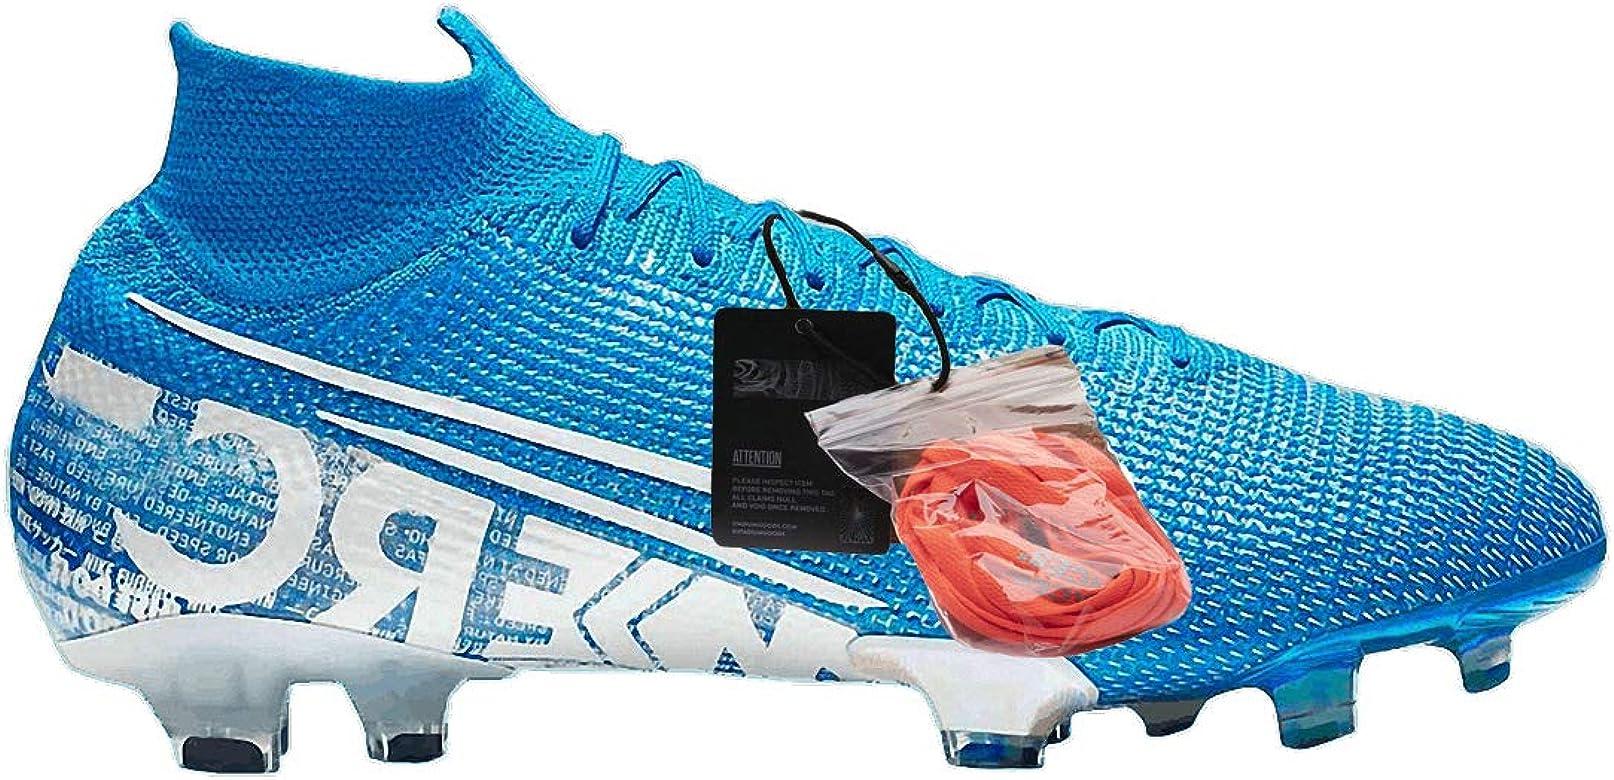 7 FG Elite Zapatillas Running Femme Hombre 6 VII Zapatos de fútbol ...